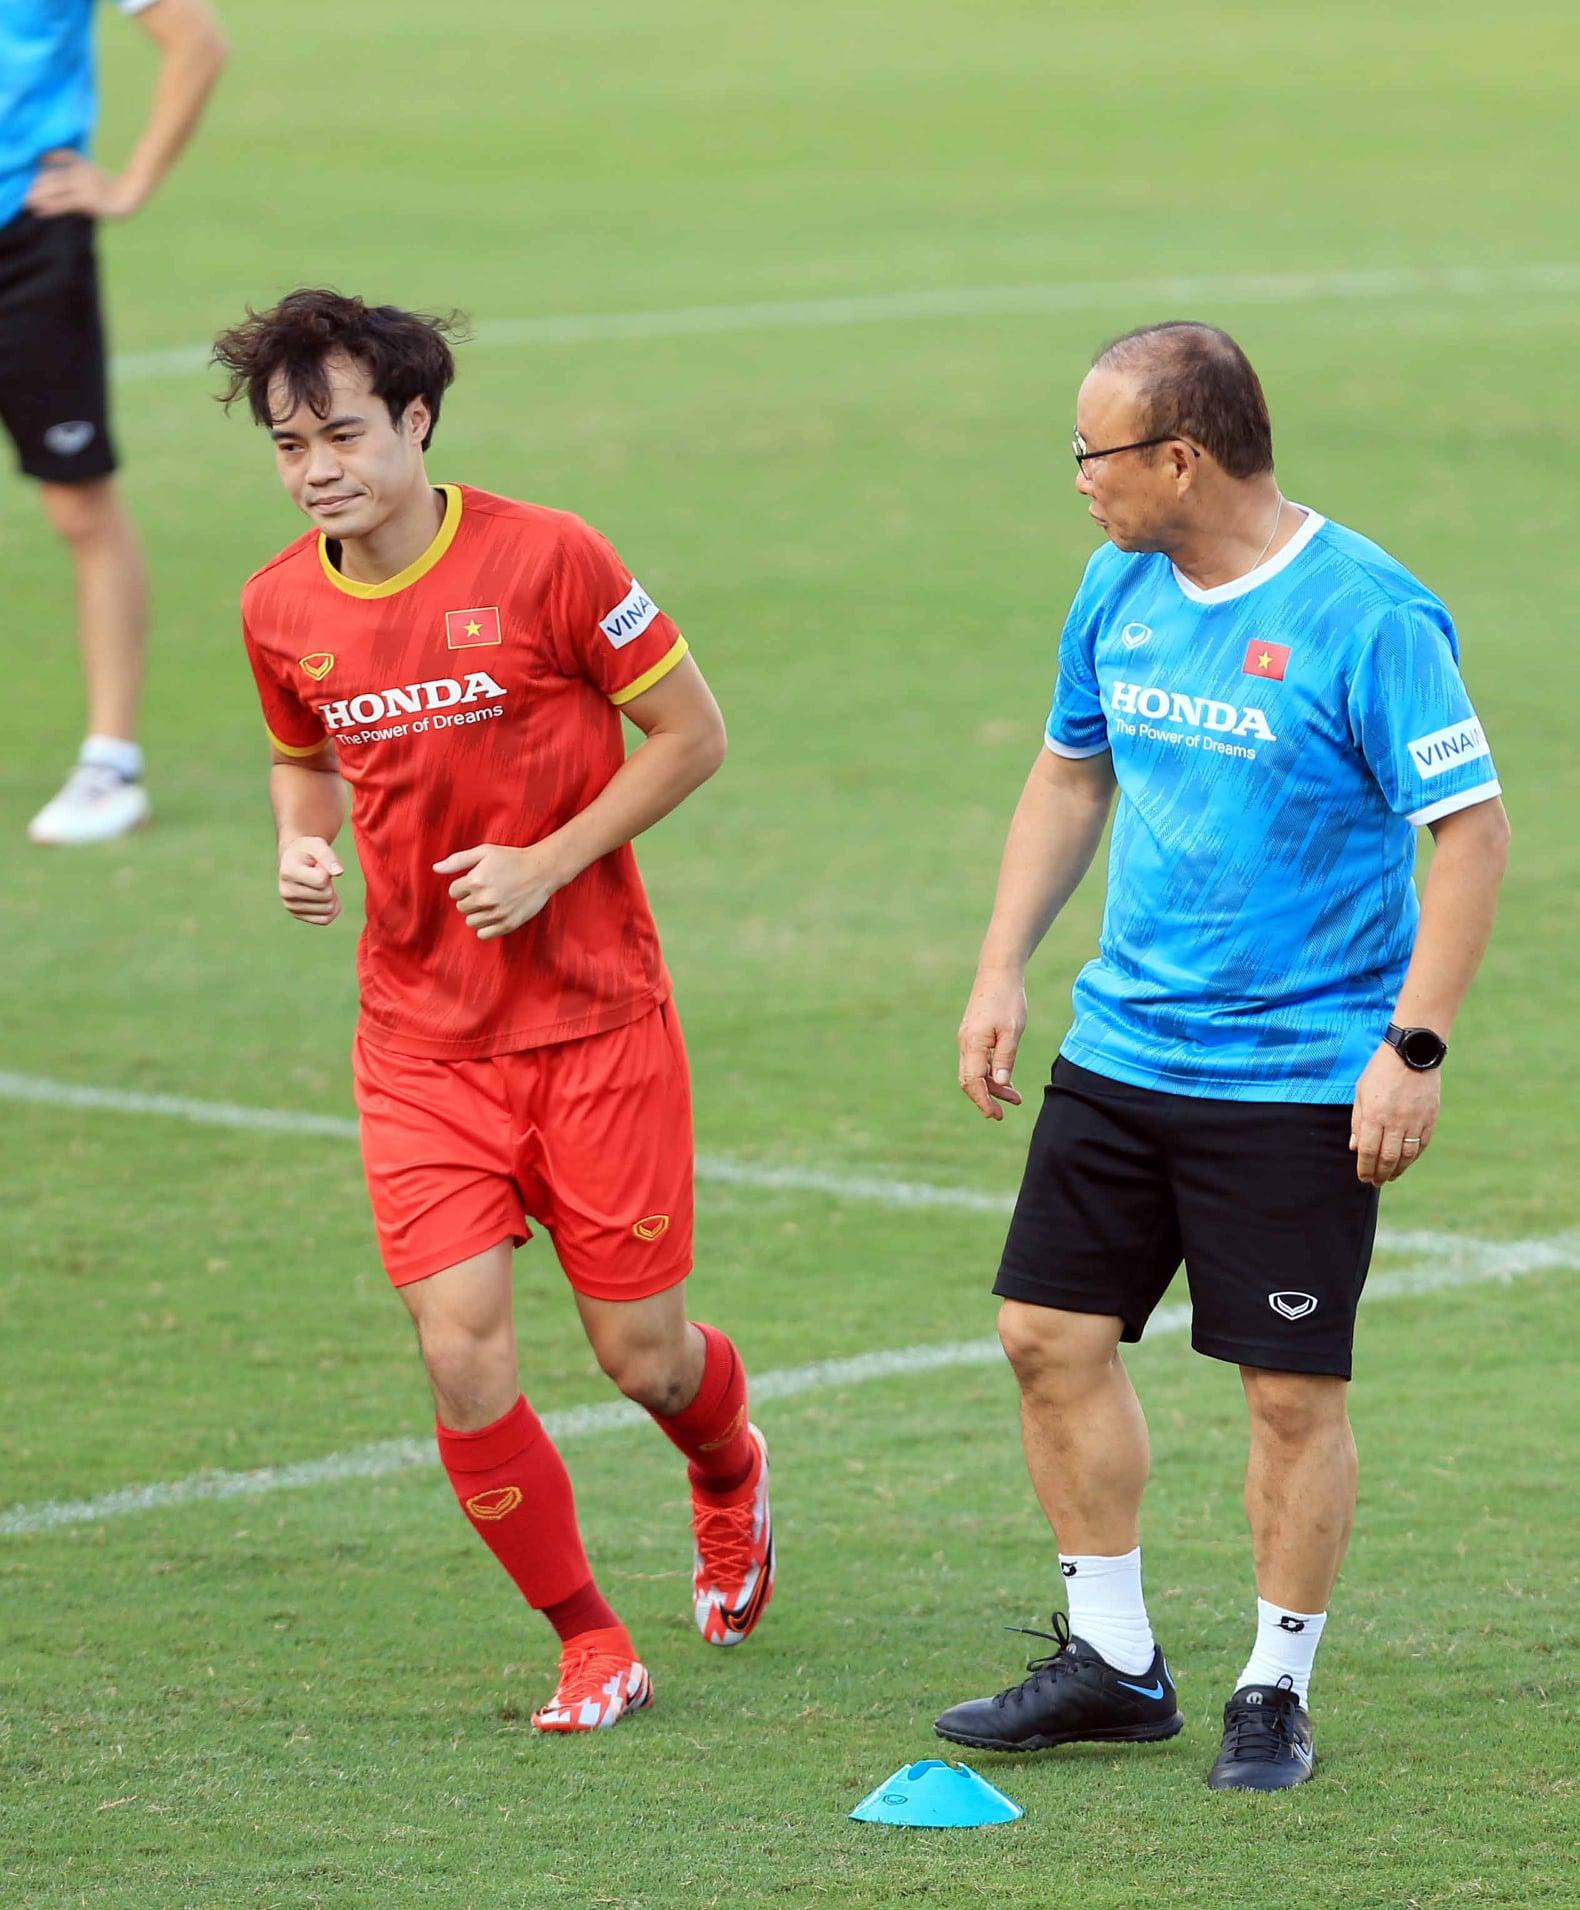 ĐT Việt Nam thắng 6-0 trước ngày lên đường sang Ả Rập Xê Út, HLV Park Hang-seo vẫn loay hoay vá hàng thủ 4